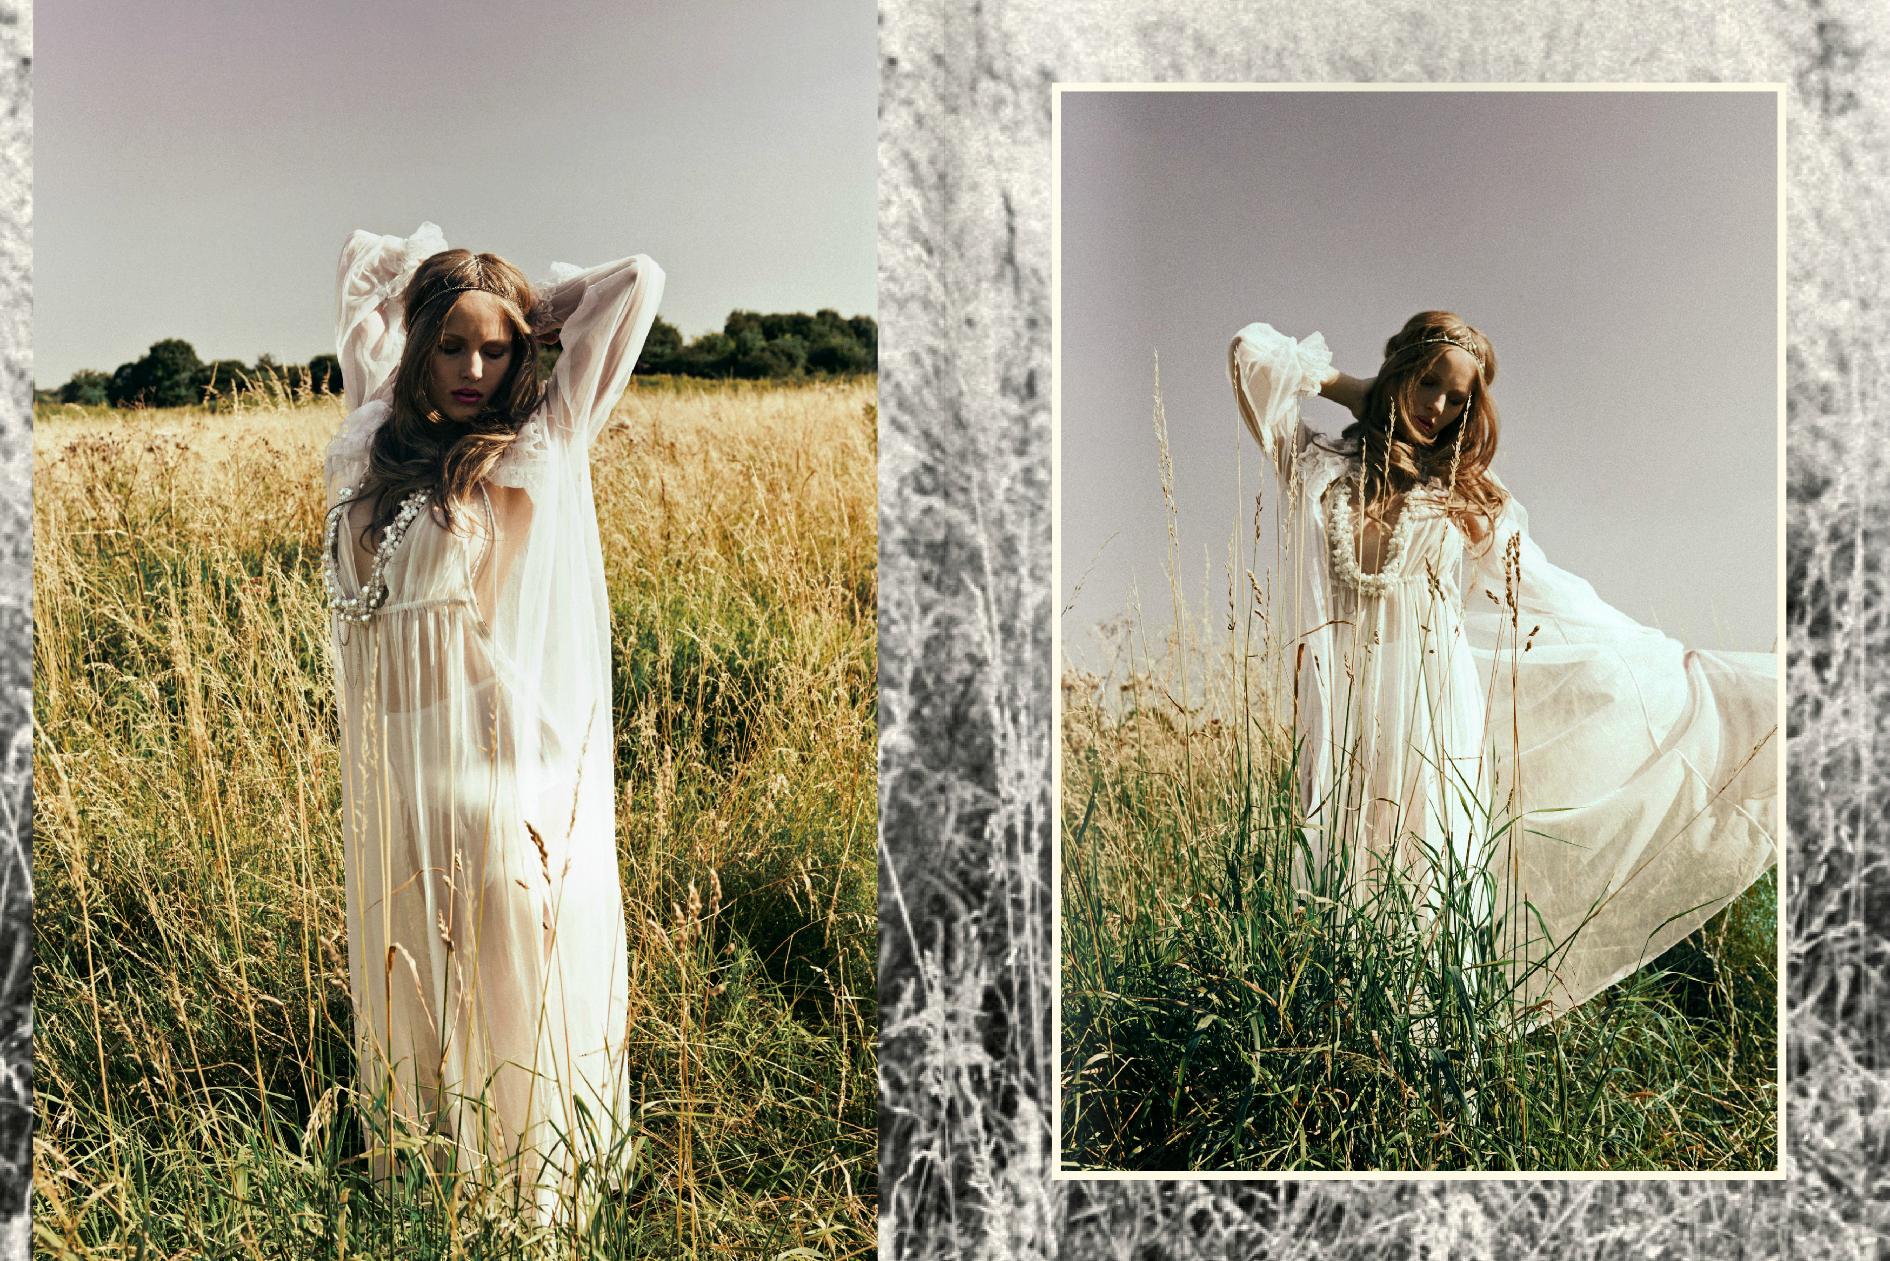 subMISSION Magazine - Issue Zero | The Ethereal - Homaira Kavde